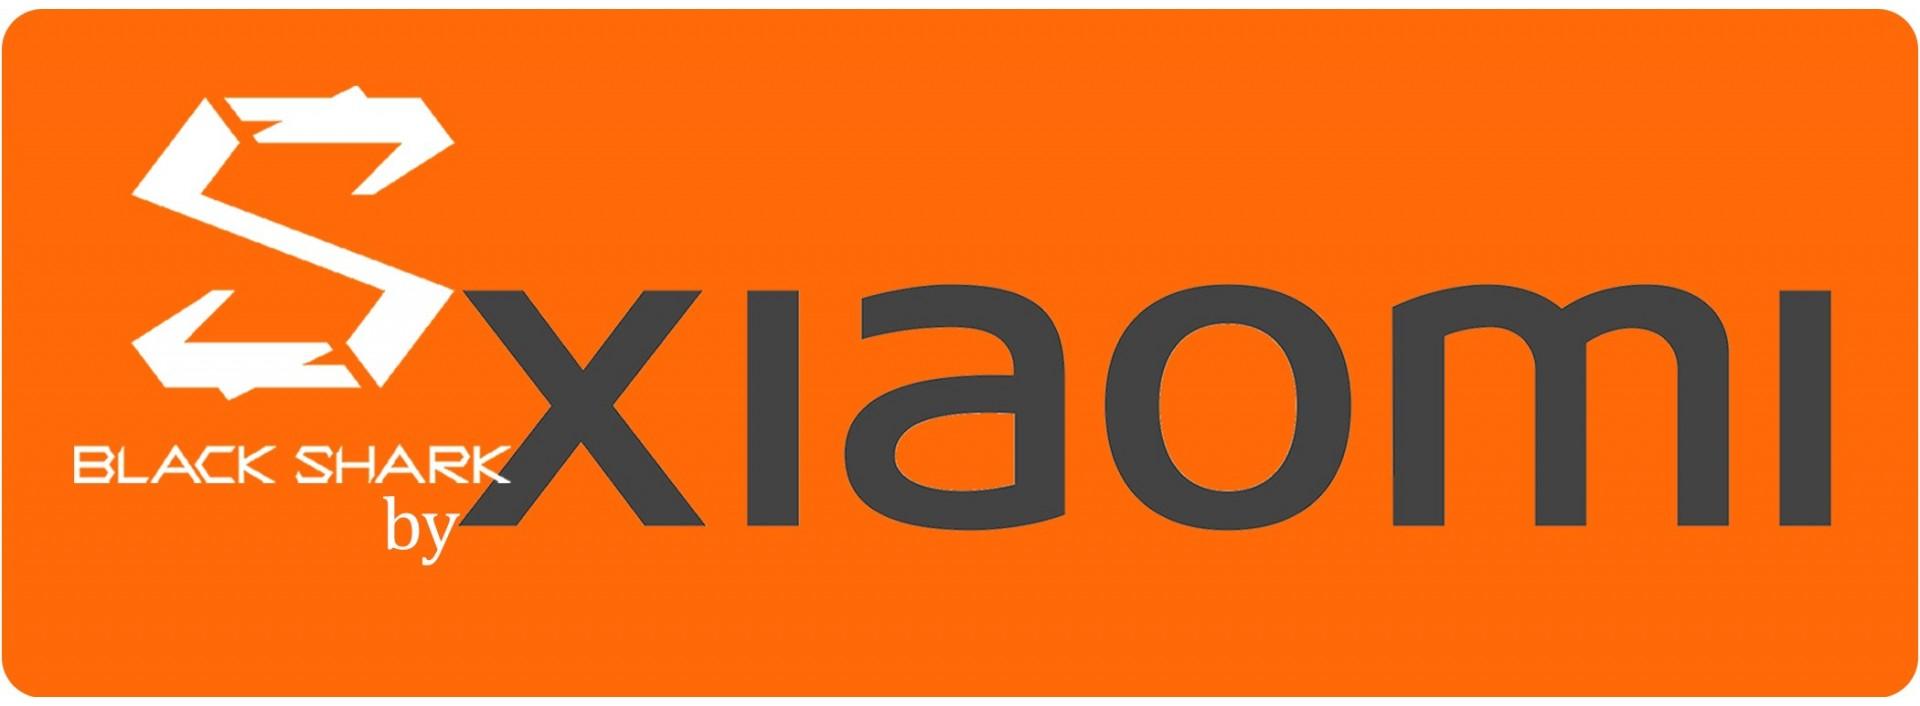 Fundas PERSONALIZADAS Xiaomi Serie Black Shark, Envío Gratis en TMS